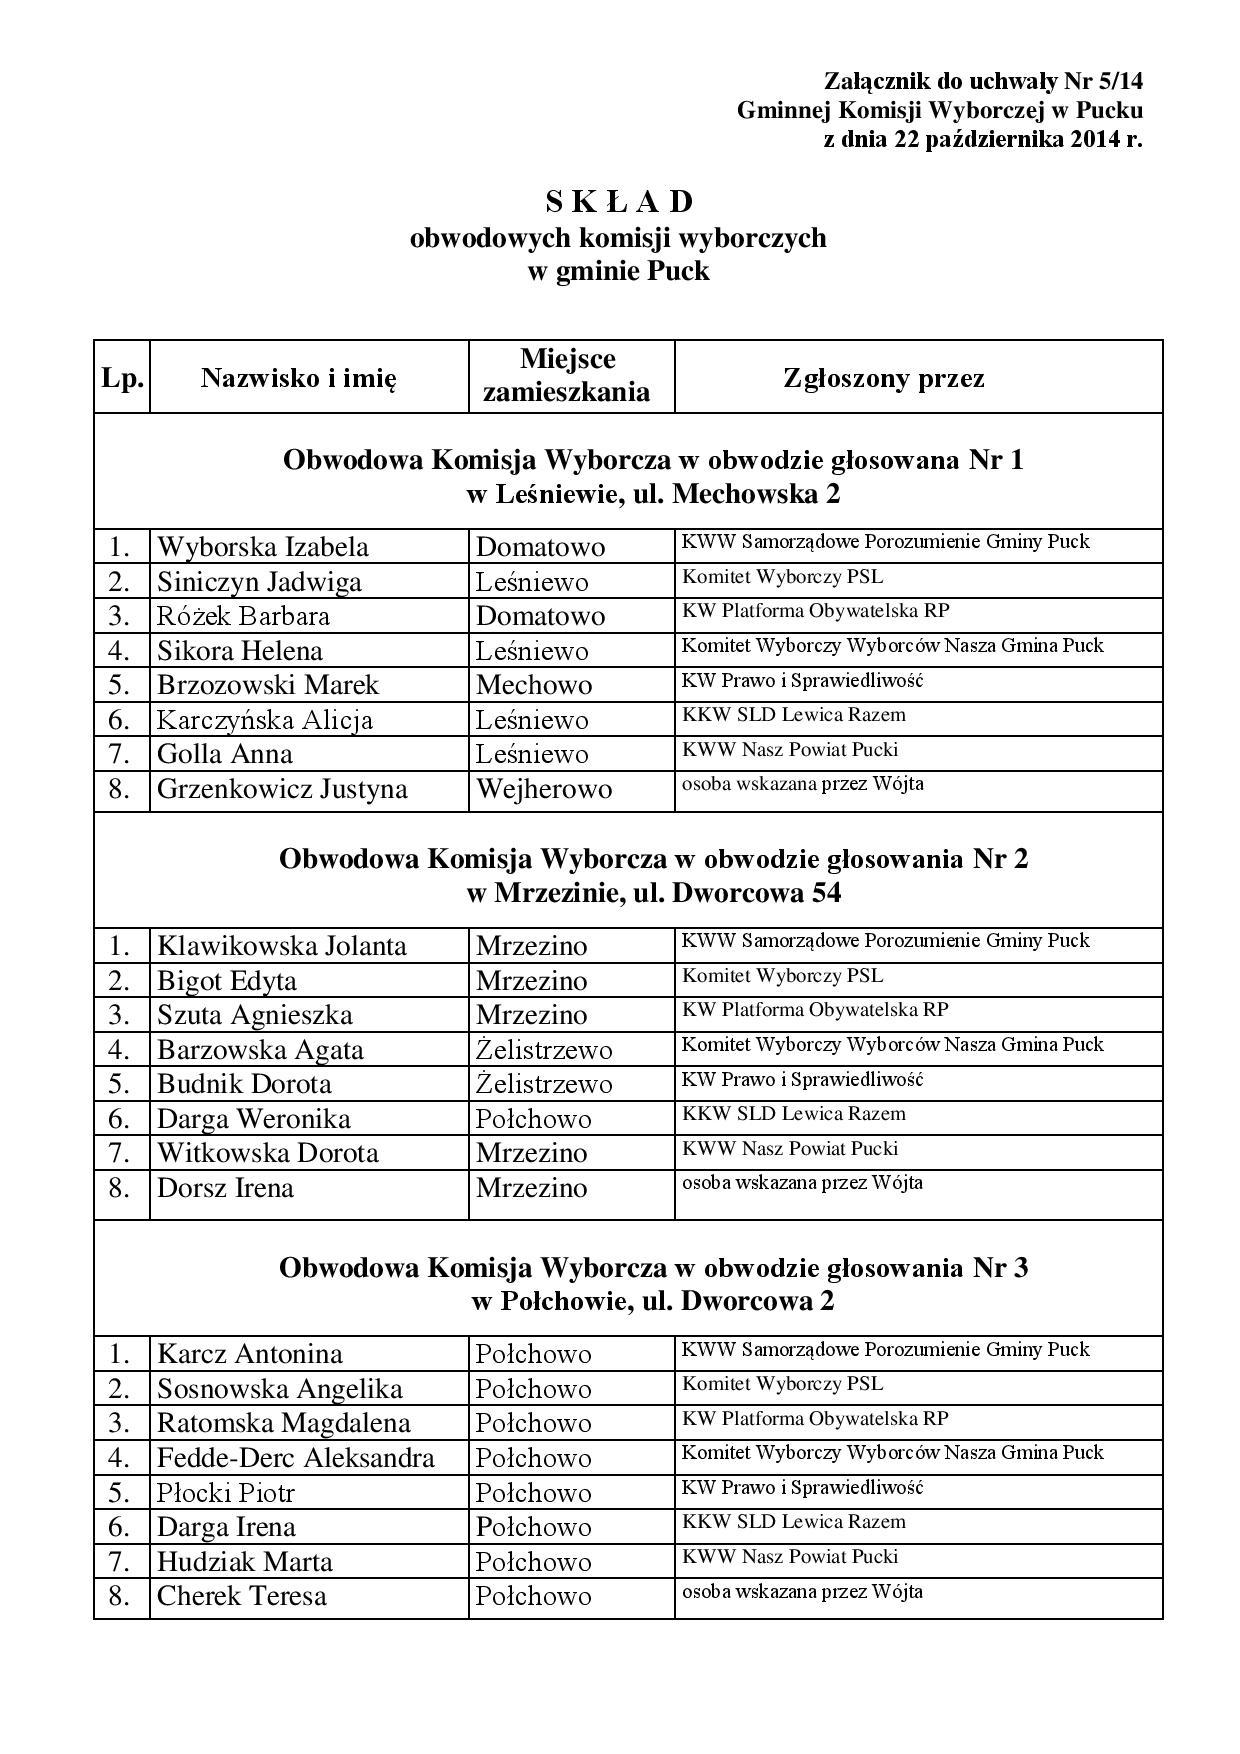 ZAŁĄCZNIK do UCHWAŁY Nr 5 GKW z dnia 22.10.2014 r.-page-001